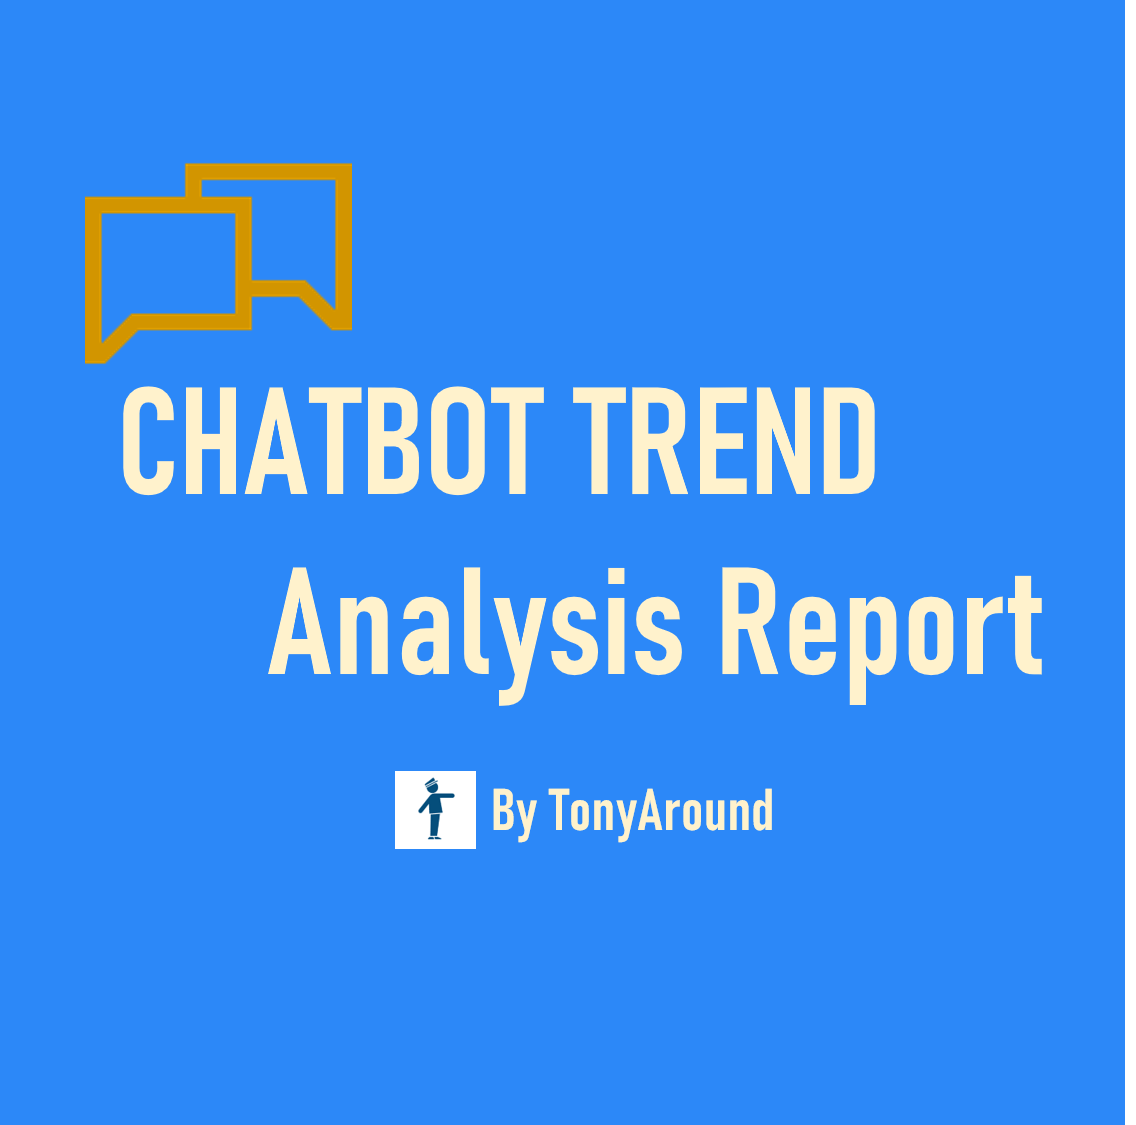 2020년 9월 챗봇 트렌드 분석 리포트 by TonyAround